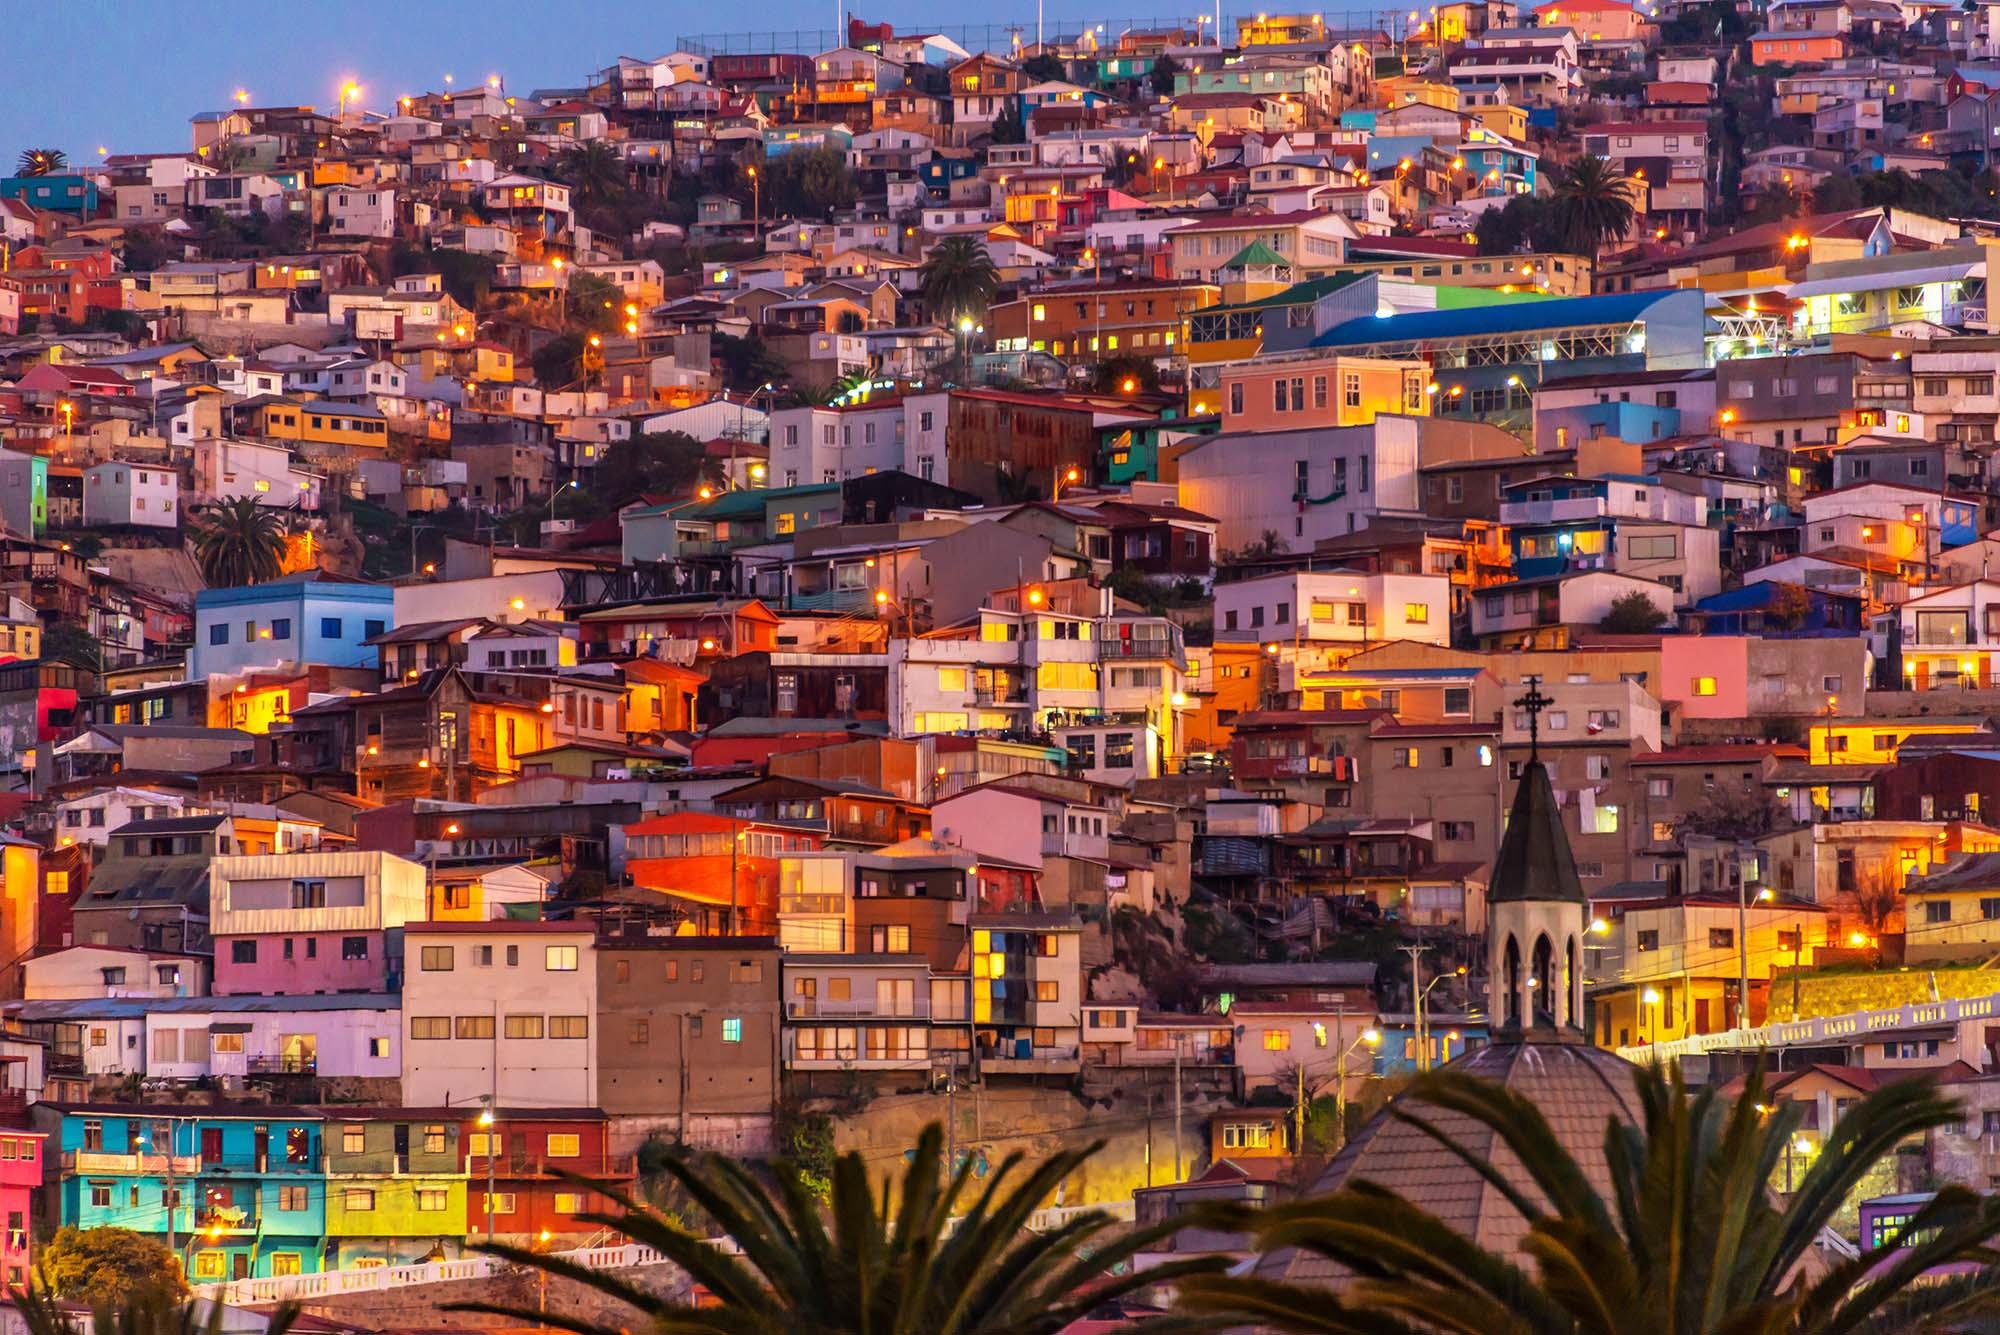 Visite de Valparaiso lors d'un circuit en Bolivie